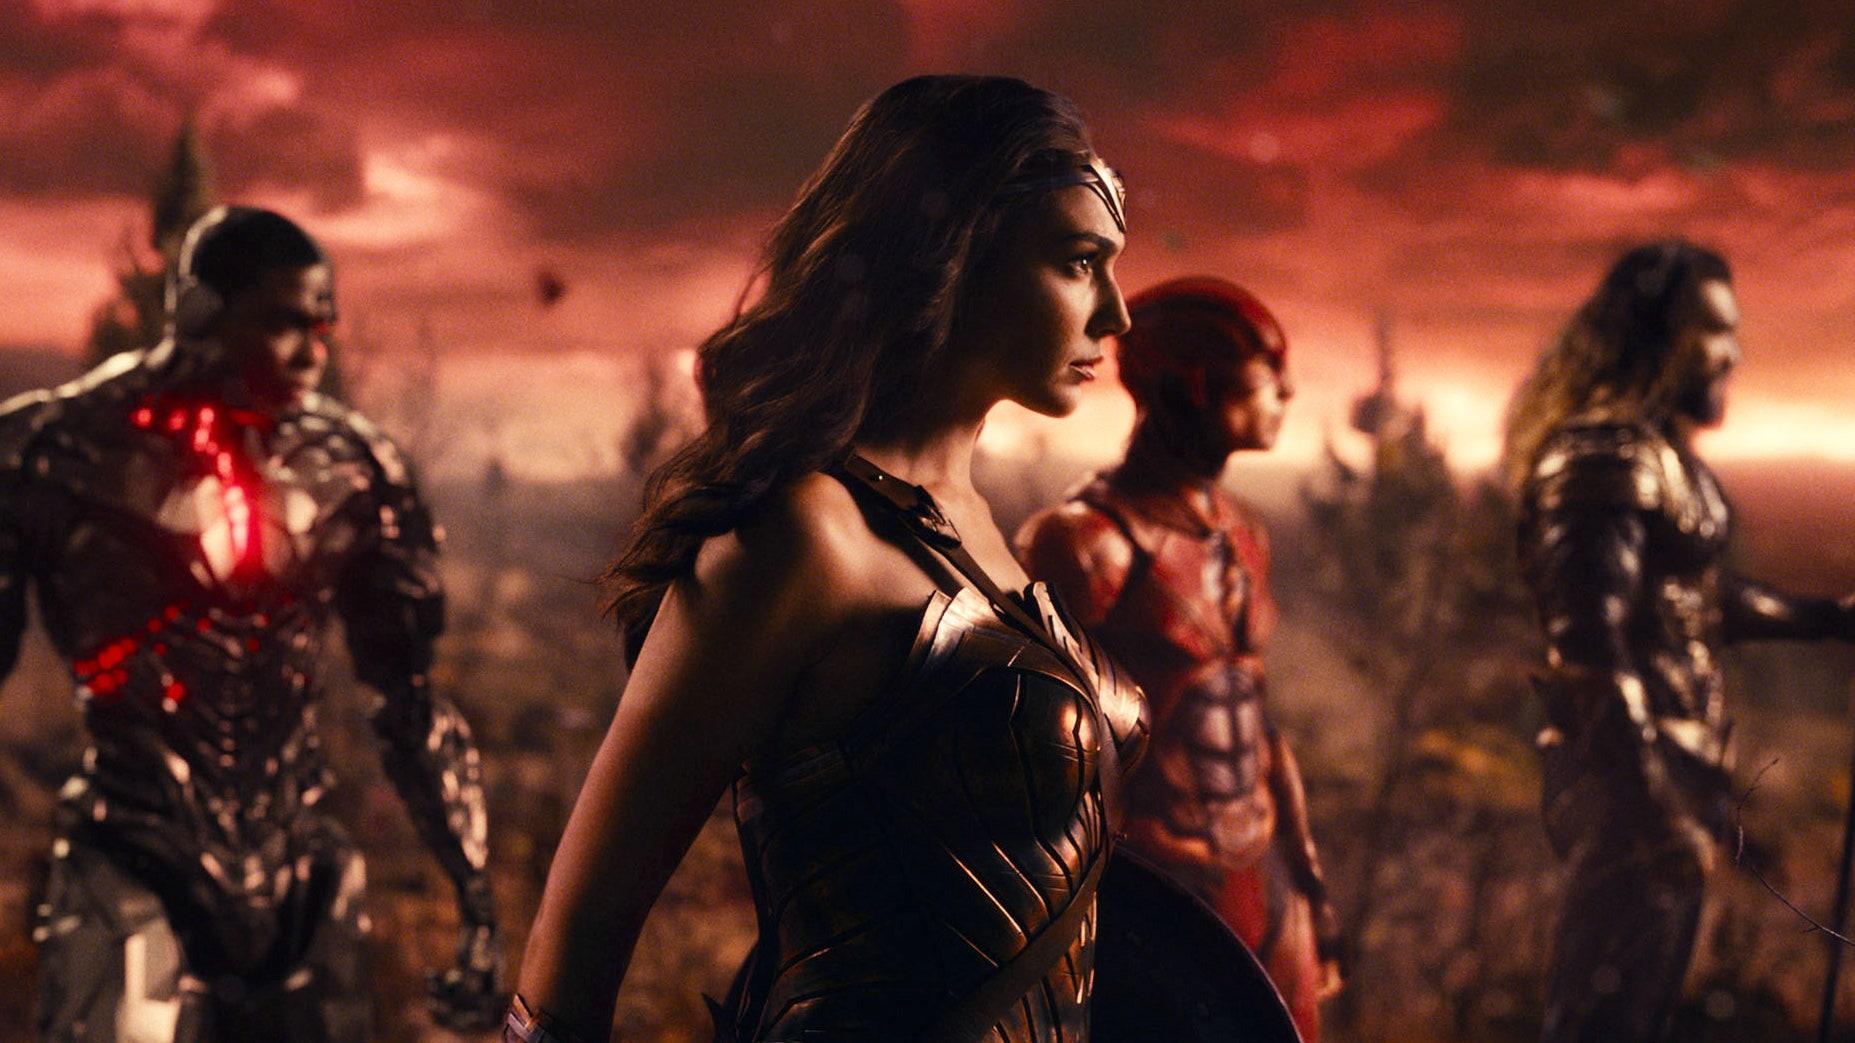 """Executivo da Warner Bros. diz Liga da Justiça de Joss Whedon foi """"estúpida"""""""